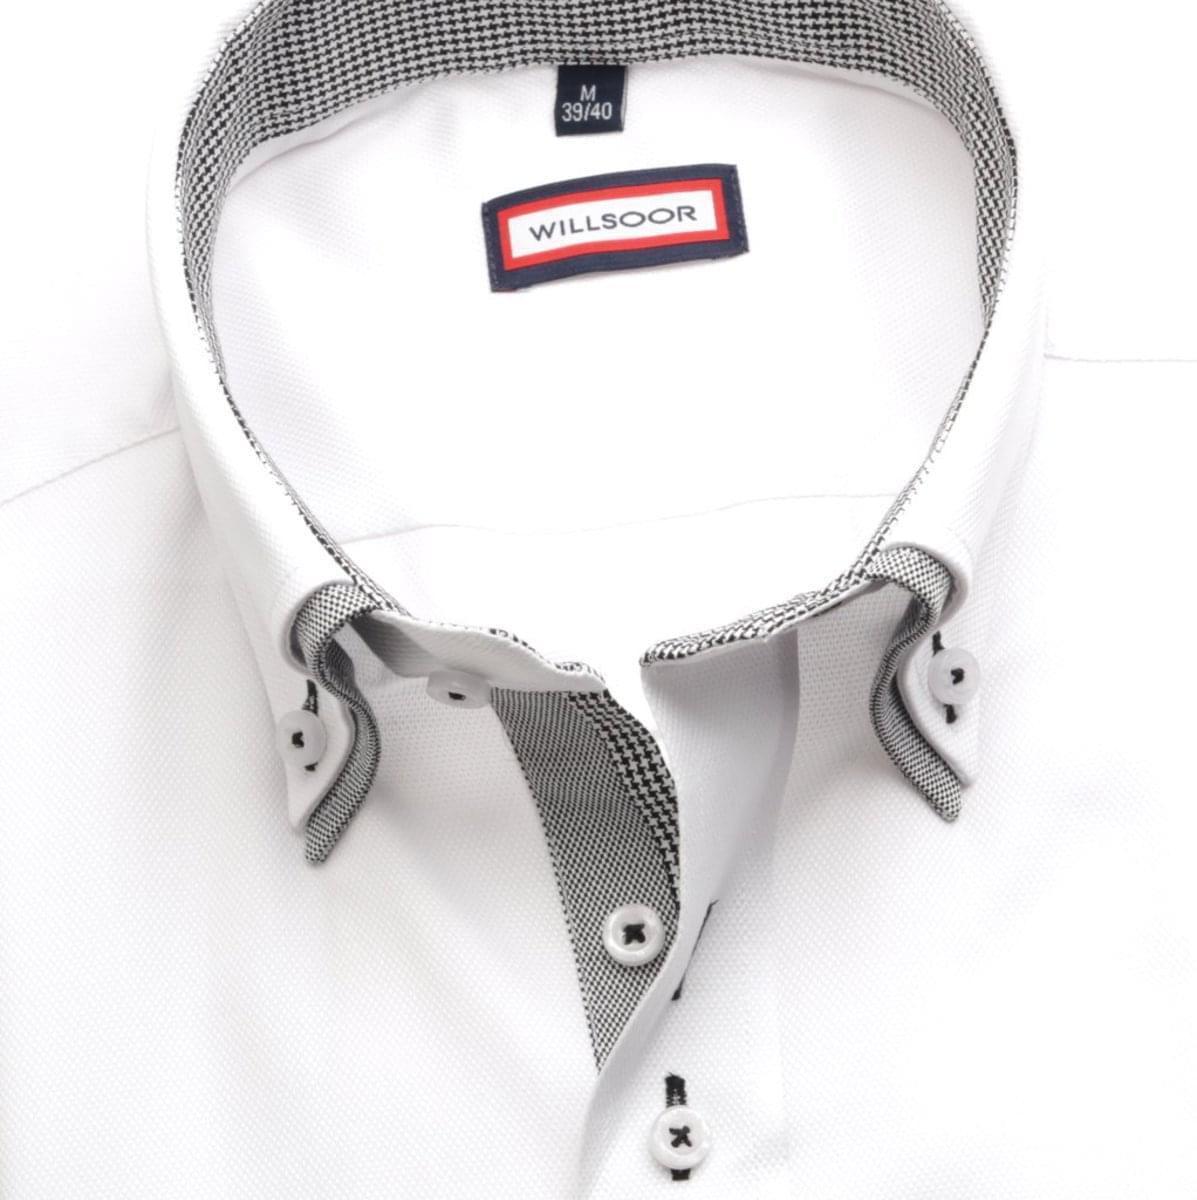 Pánská košile Classic v bílé barvě (výška 176-182) 5491 176-182 / XL (43/44)